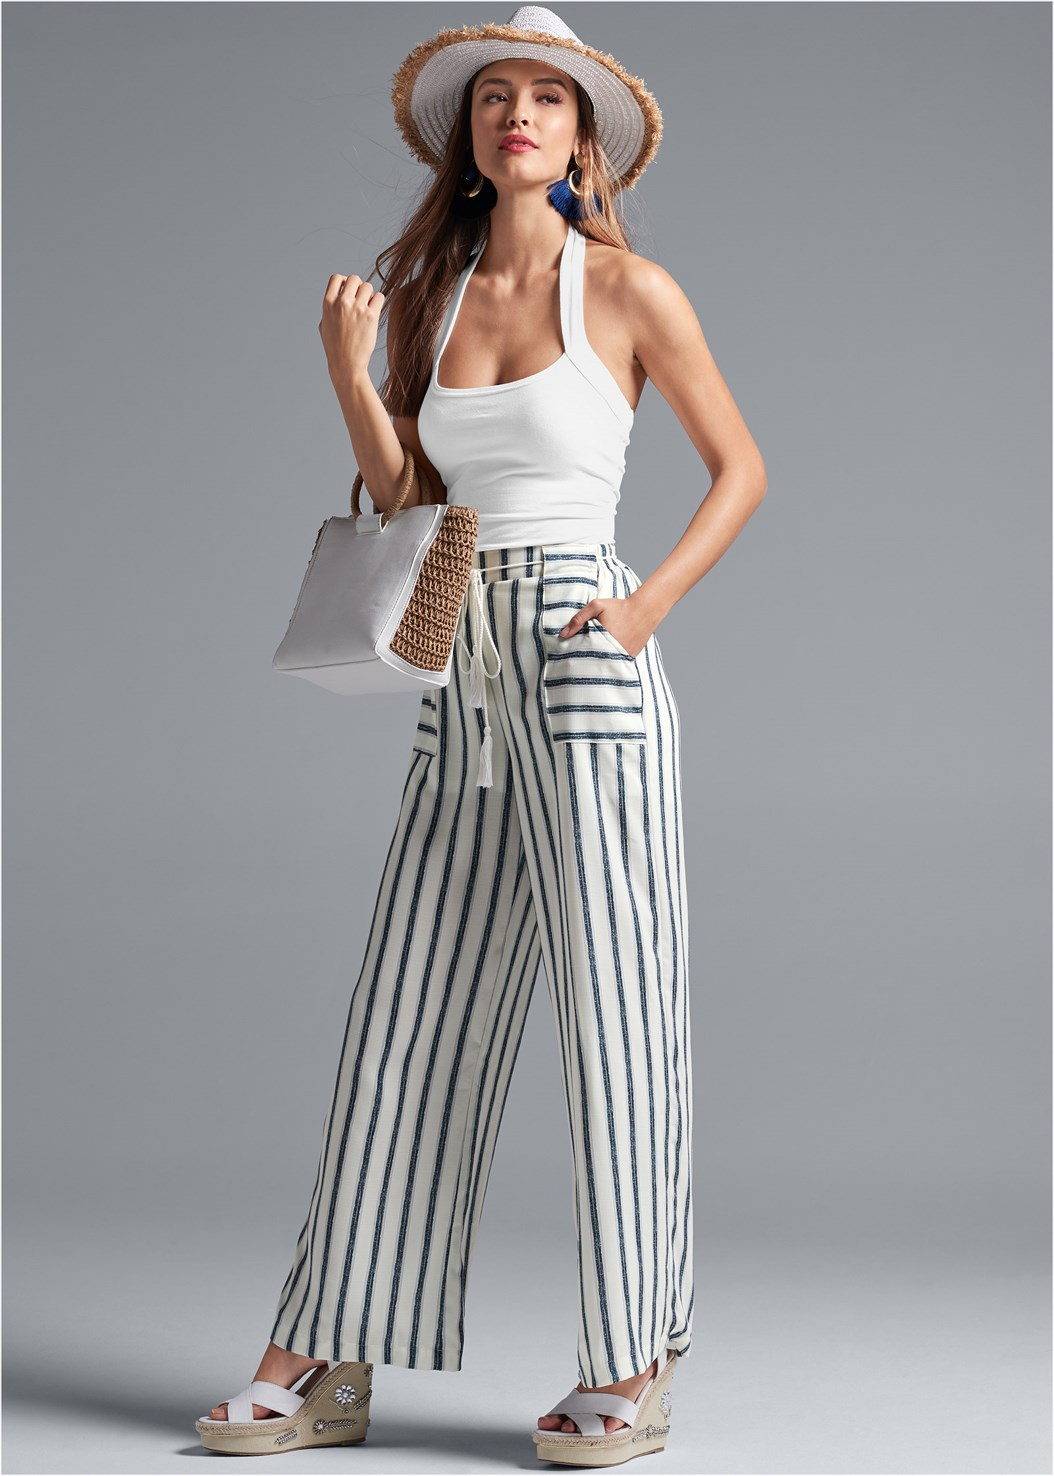 Navy Striped Pants,Easy Halter Top,Embellished Wedges,Color Block Straw Hat,Raffia Detail Bag